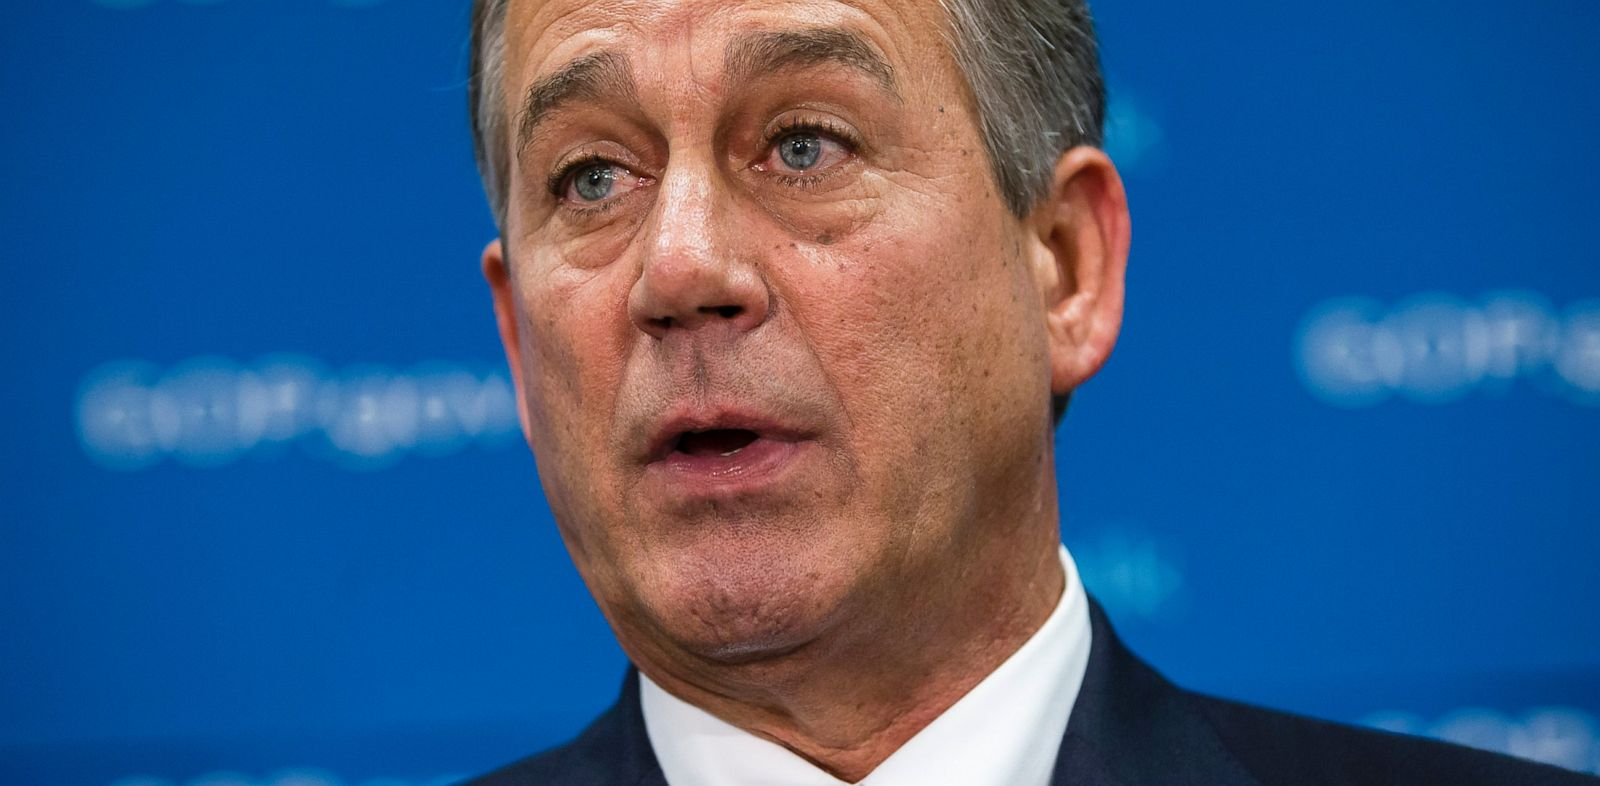 PHOTO: John Boehner